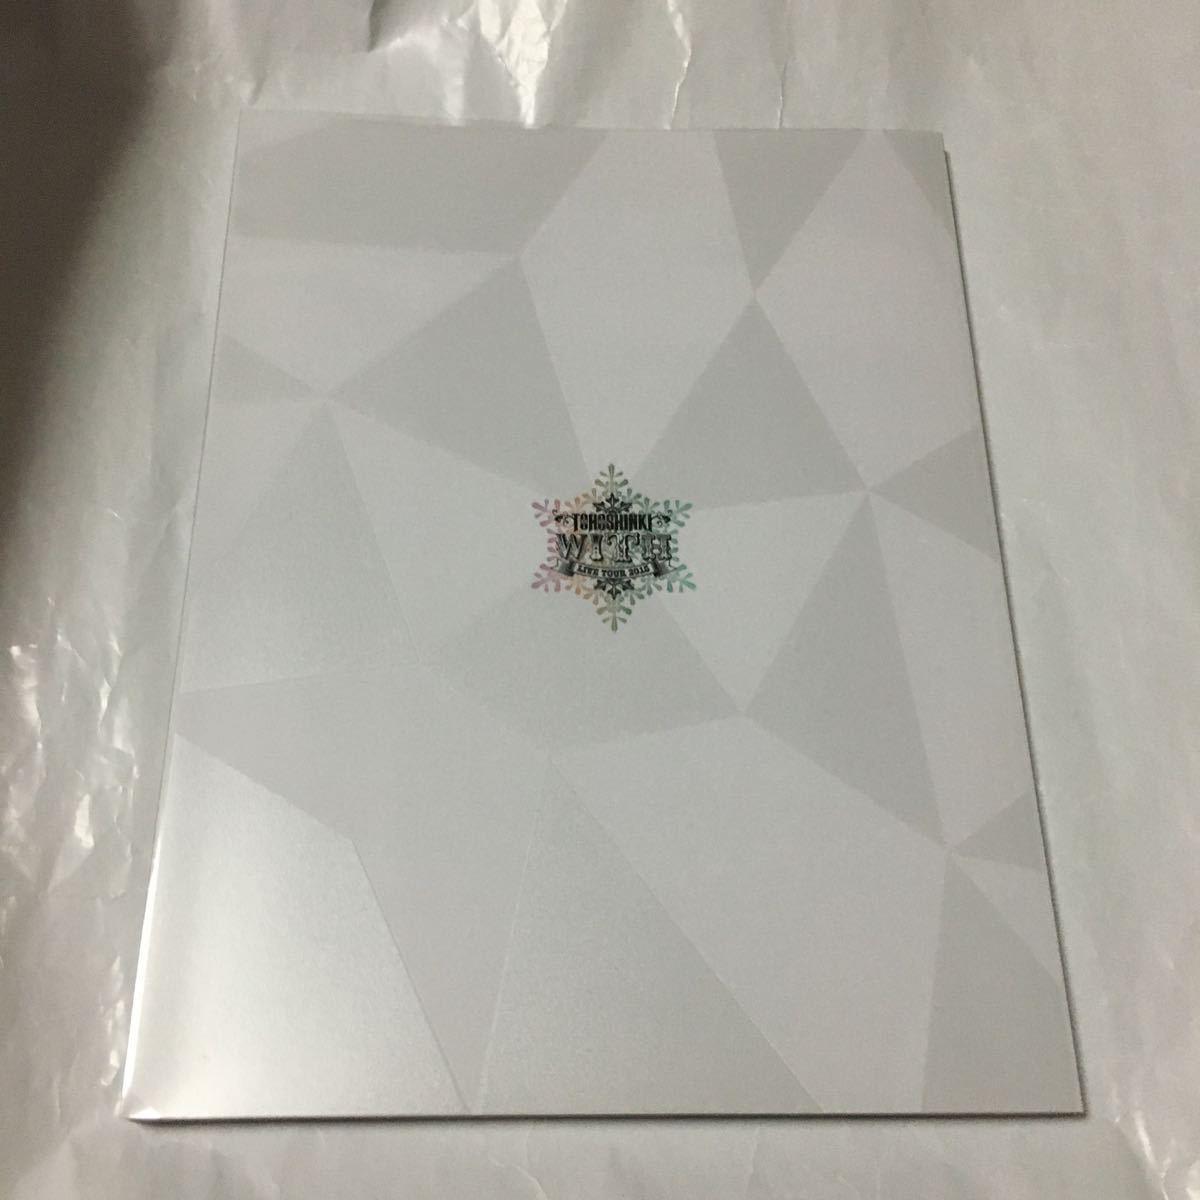 送料込み 東方神起 ツアーパンフレット ポラロイド写真 LIVE TOUR 2015 ☆WITH☆ ユノ チャンミン